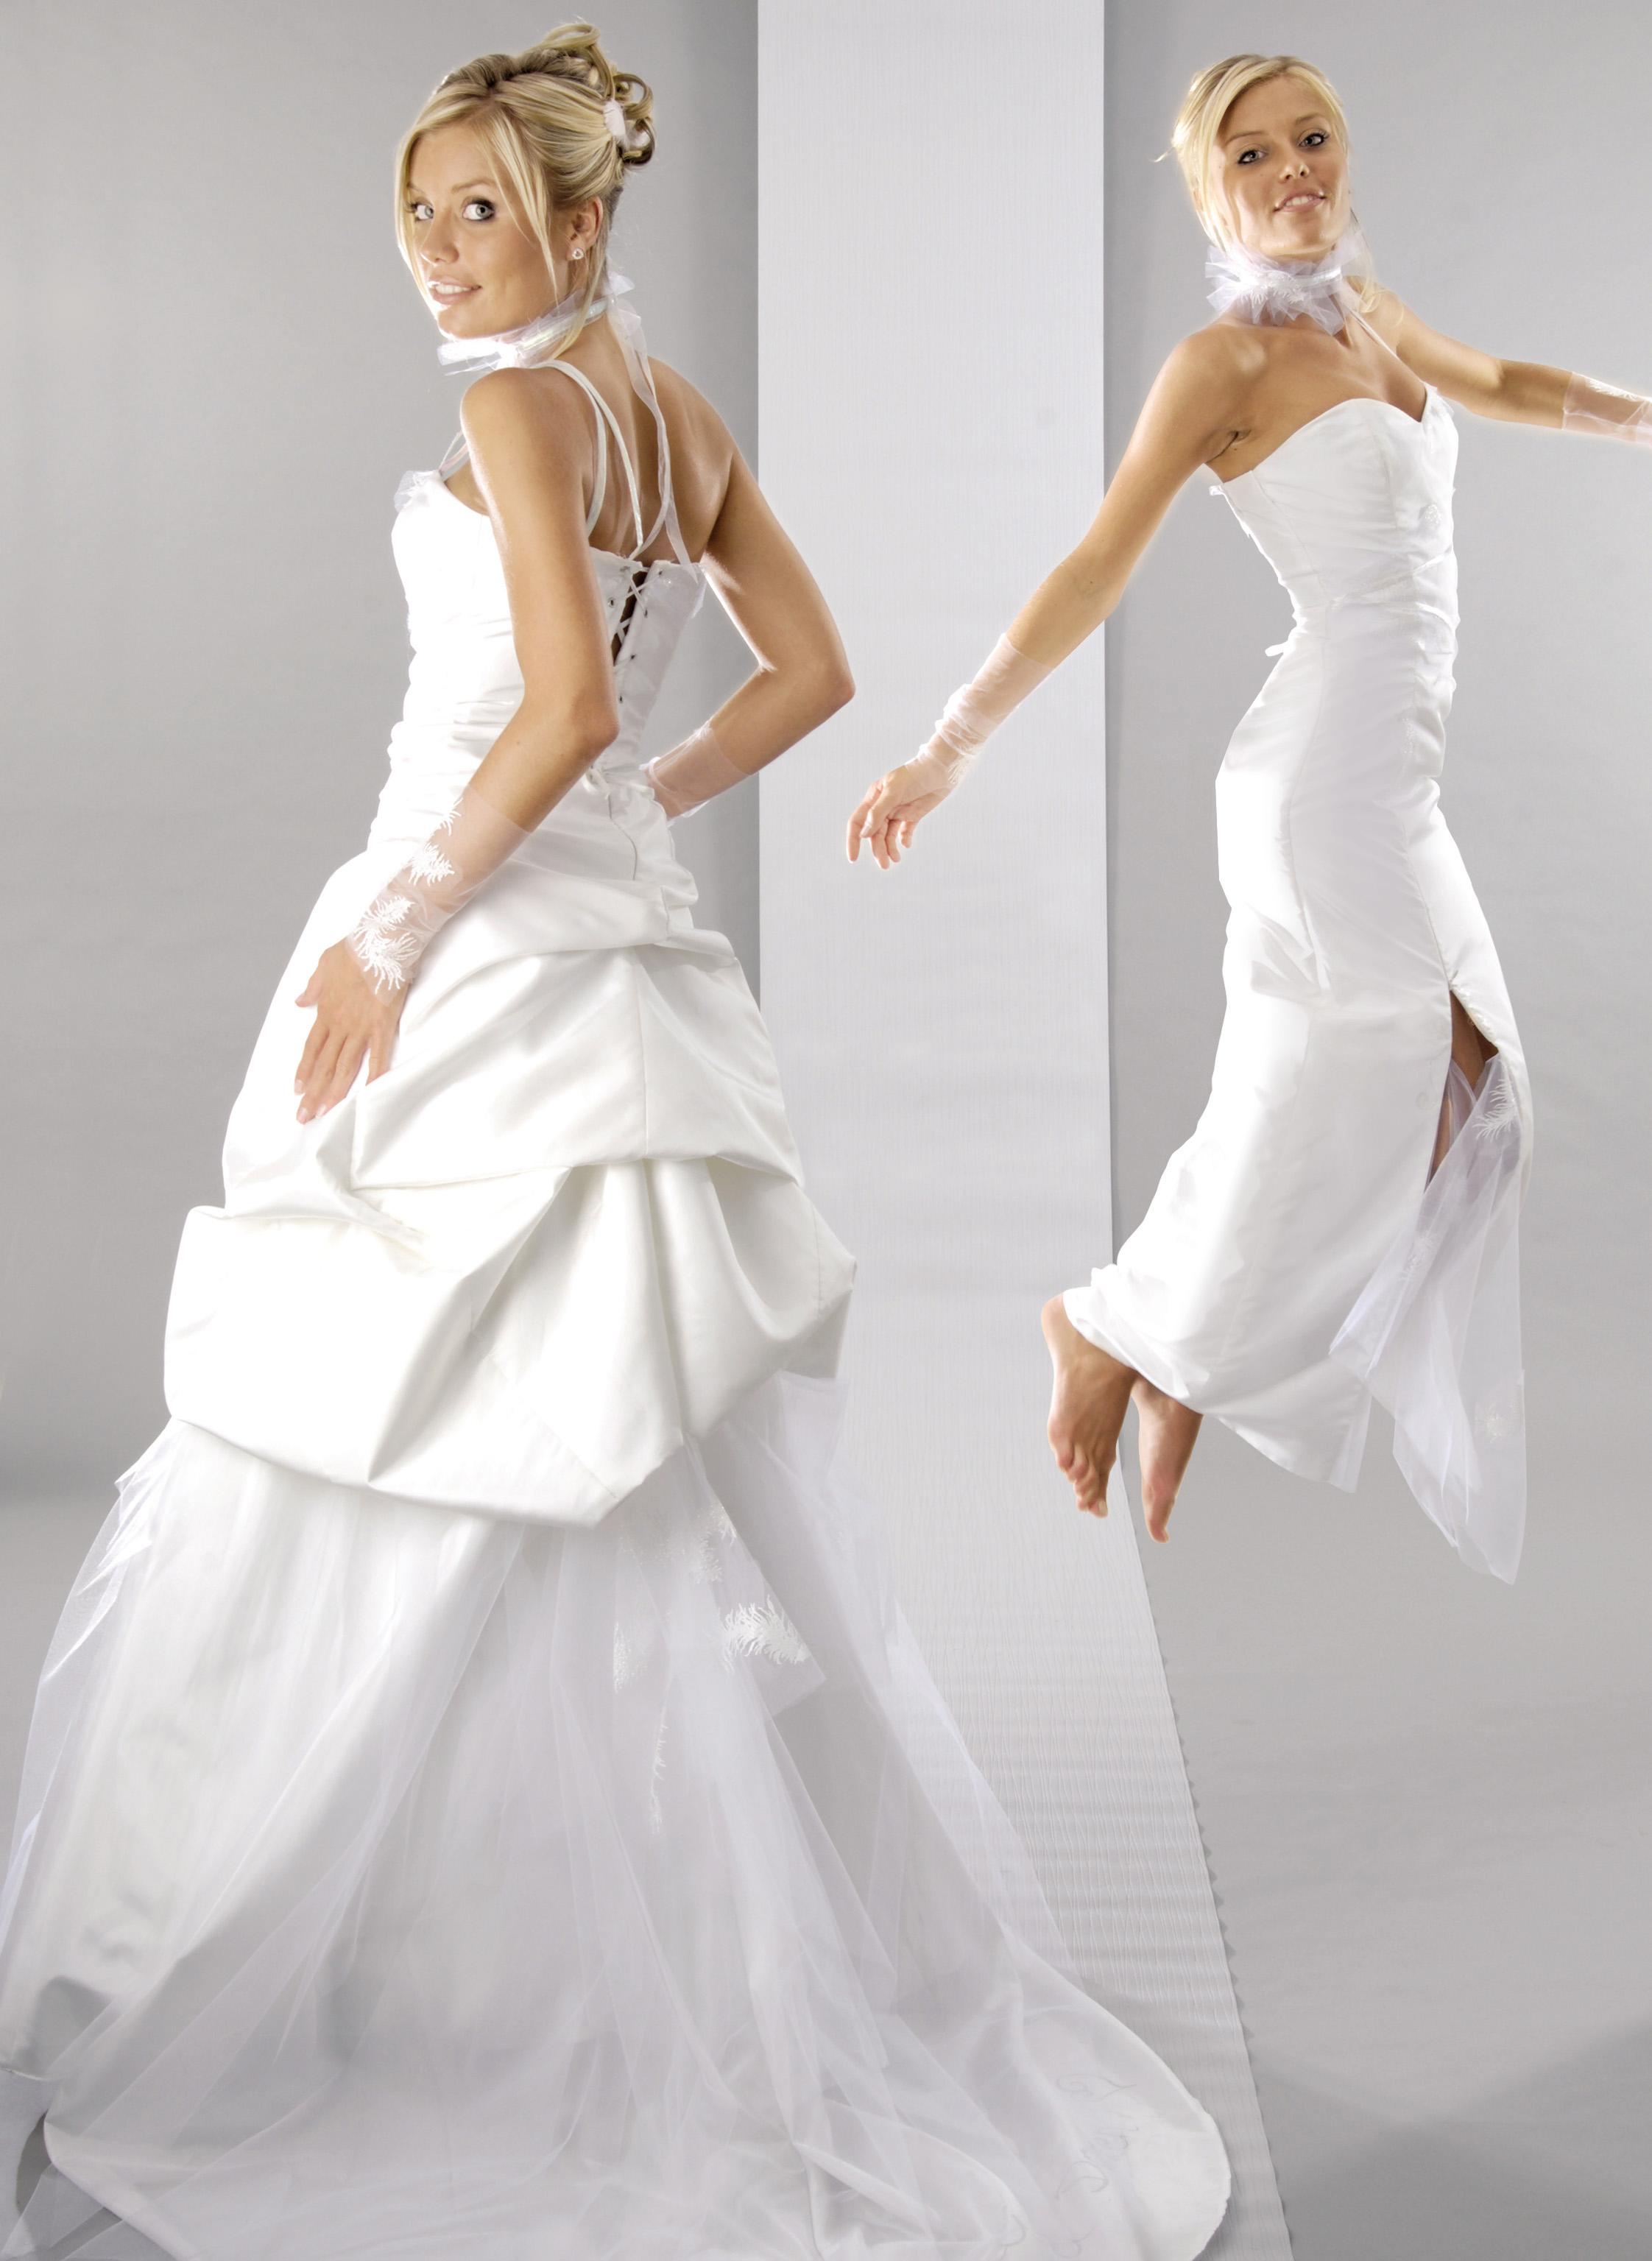 La robe de mariée modulable, Edith, créatrice